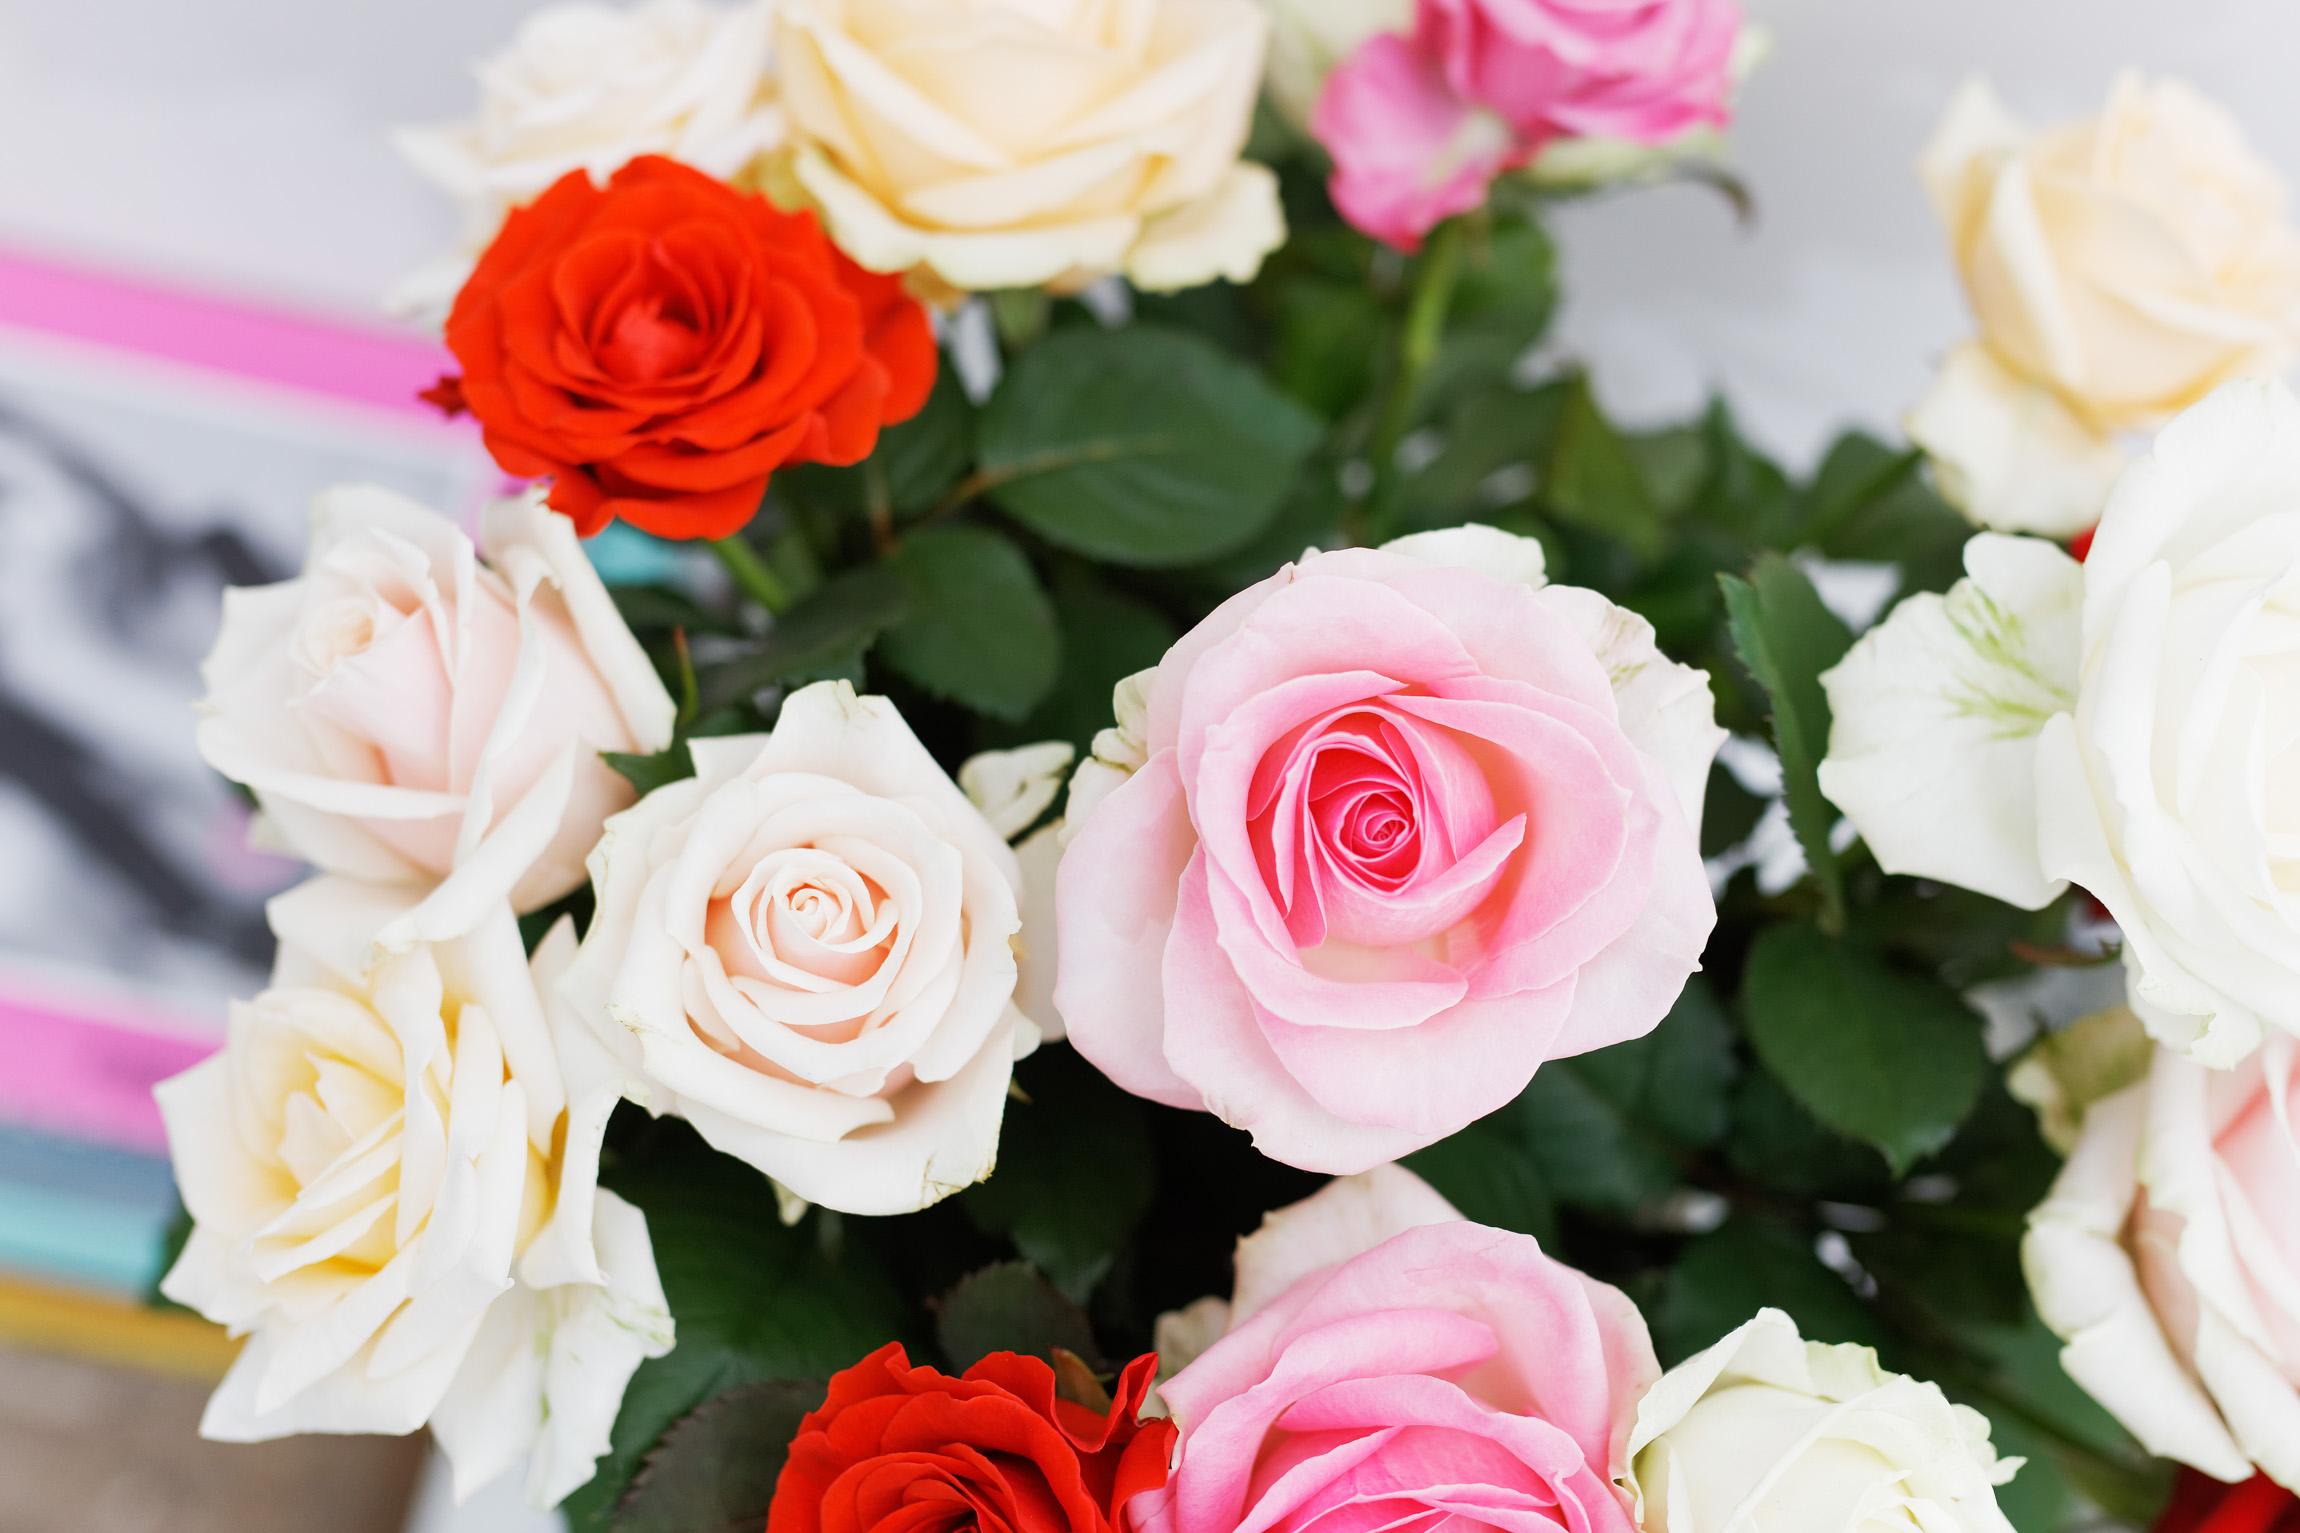 De roos is en blijft de koningin onder de bloemen. Op bezoek bij rozenkwekerij Wimceco